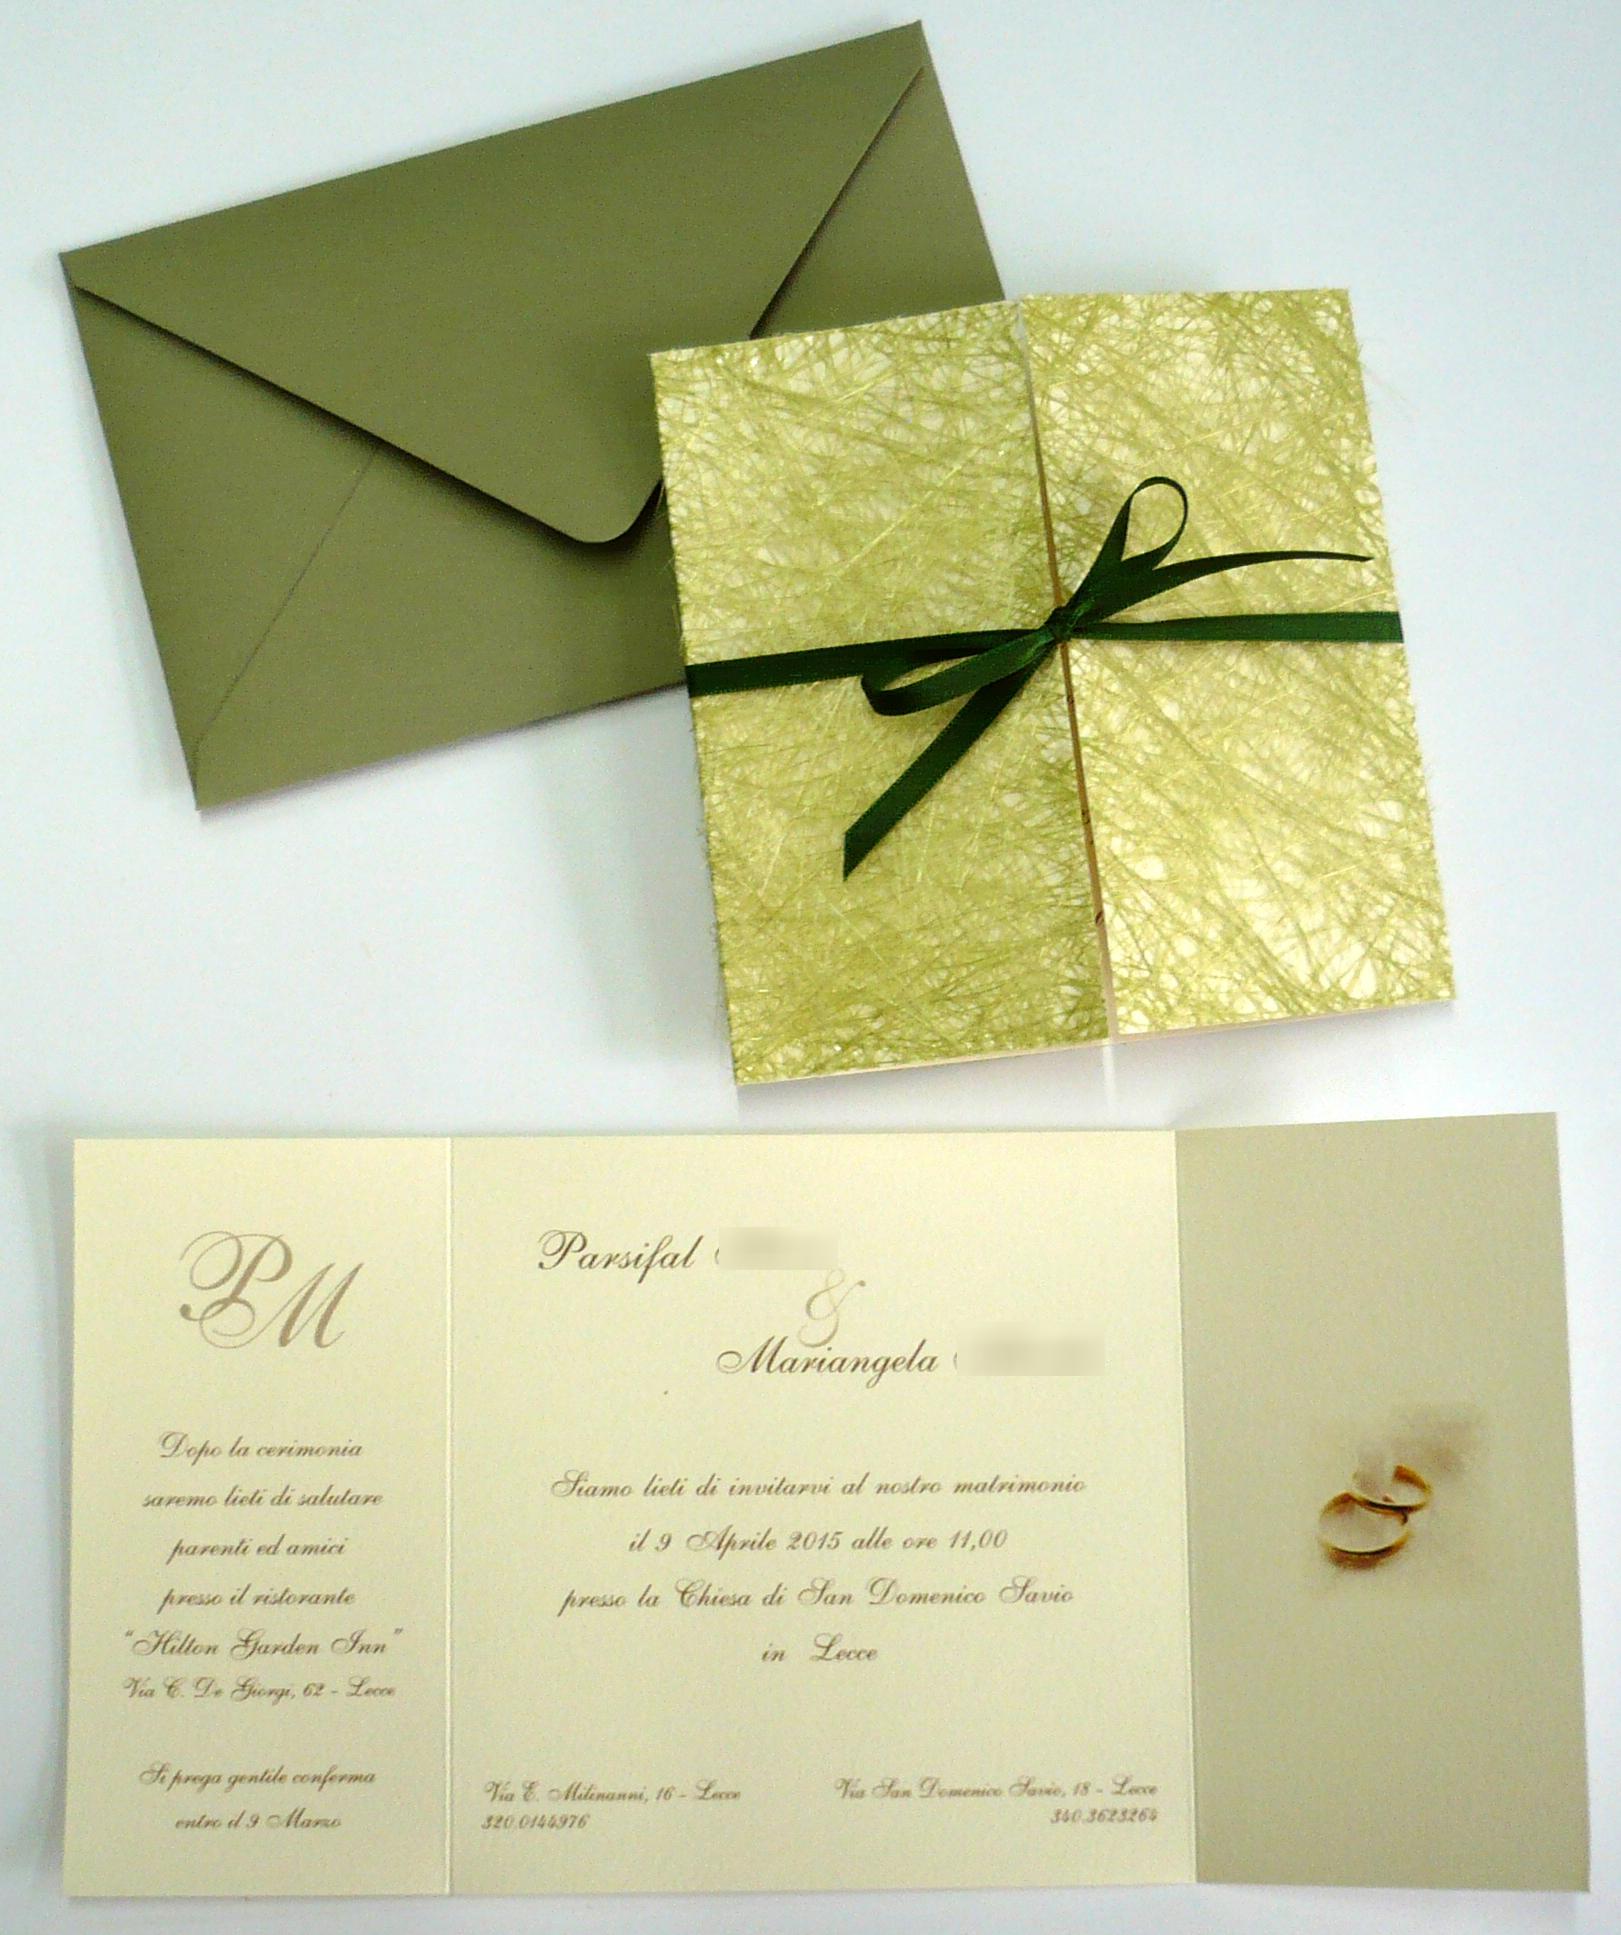 Partecipazioni Matrimonio Lecce.Tipografia Sardone